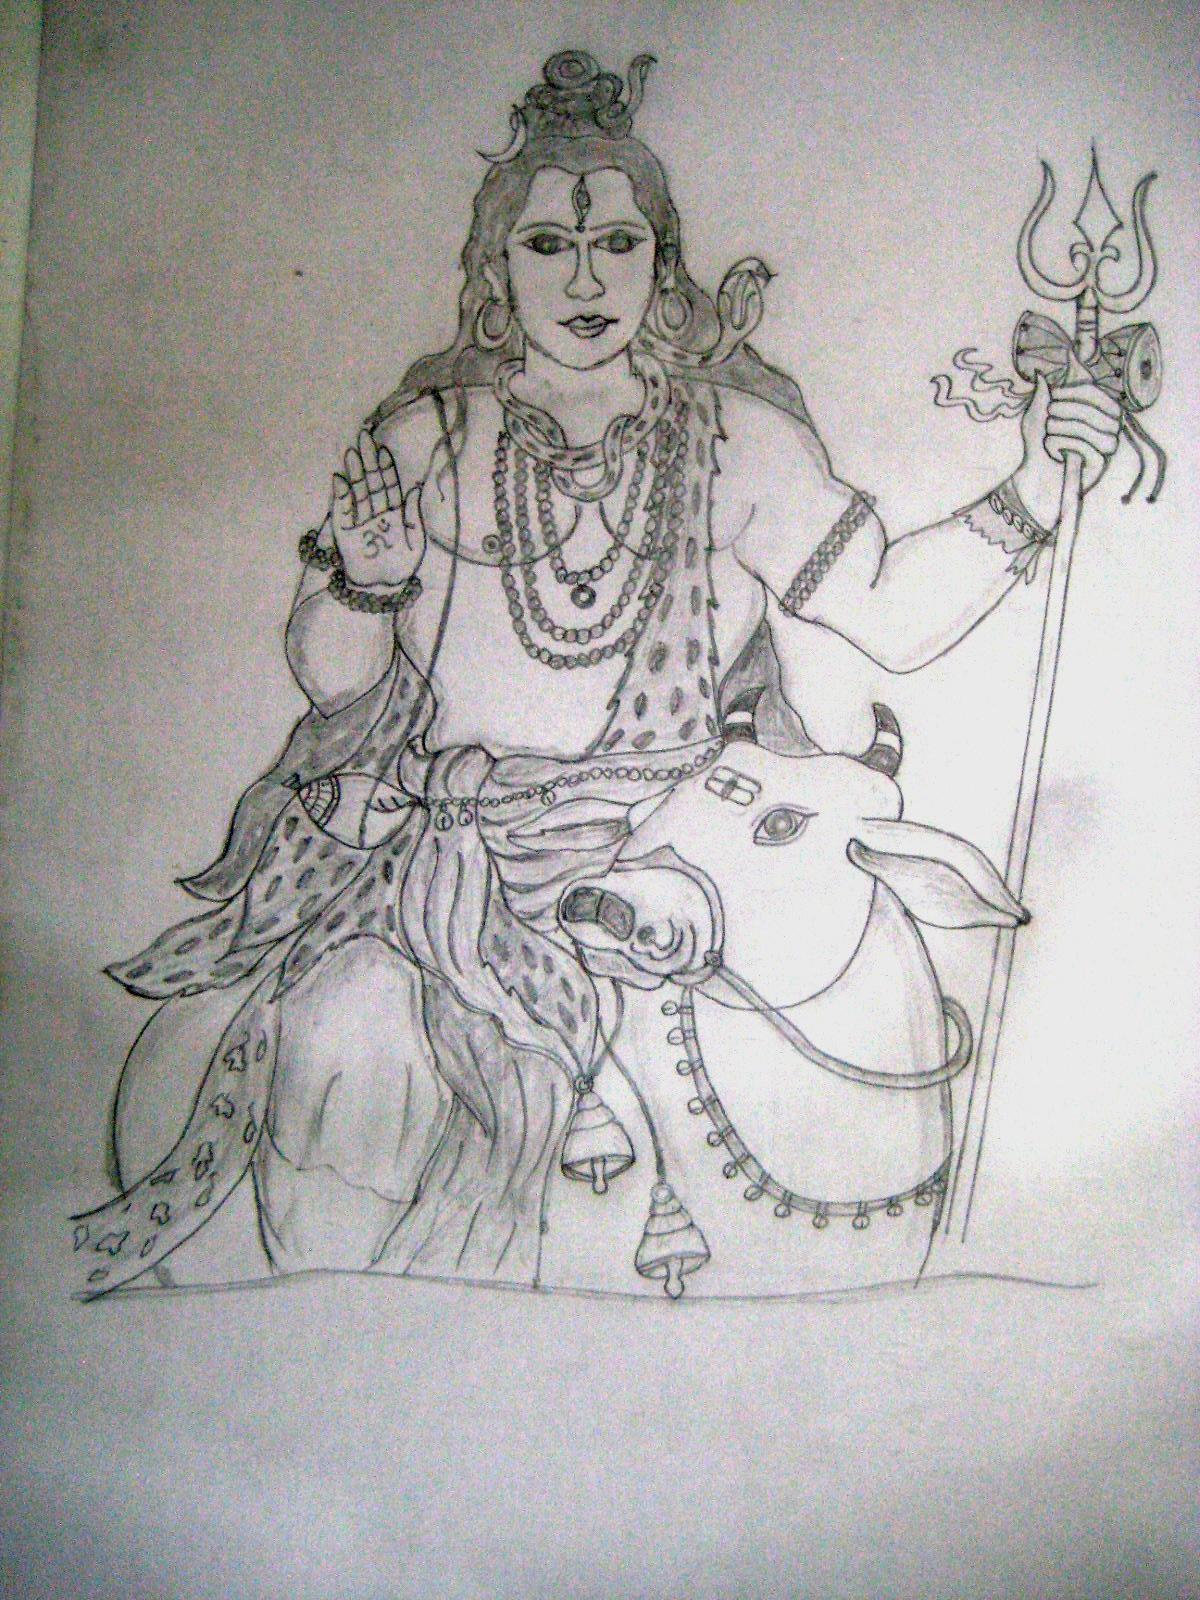 Lord shiva in nandhi